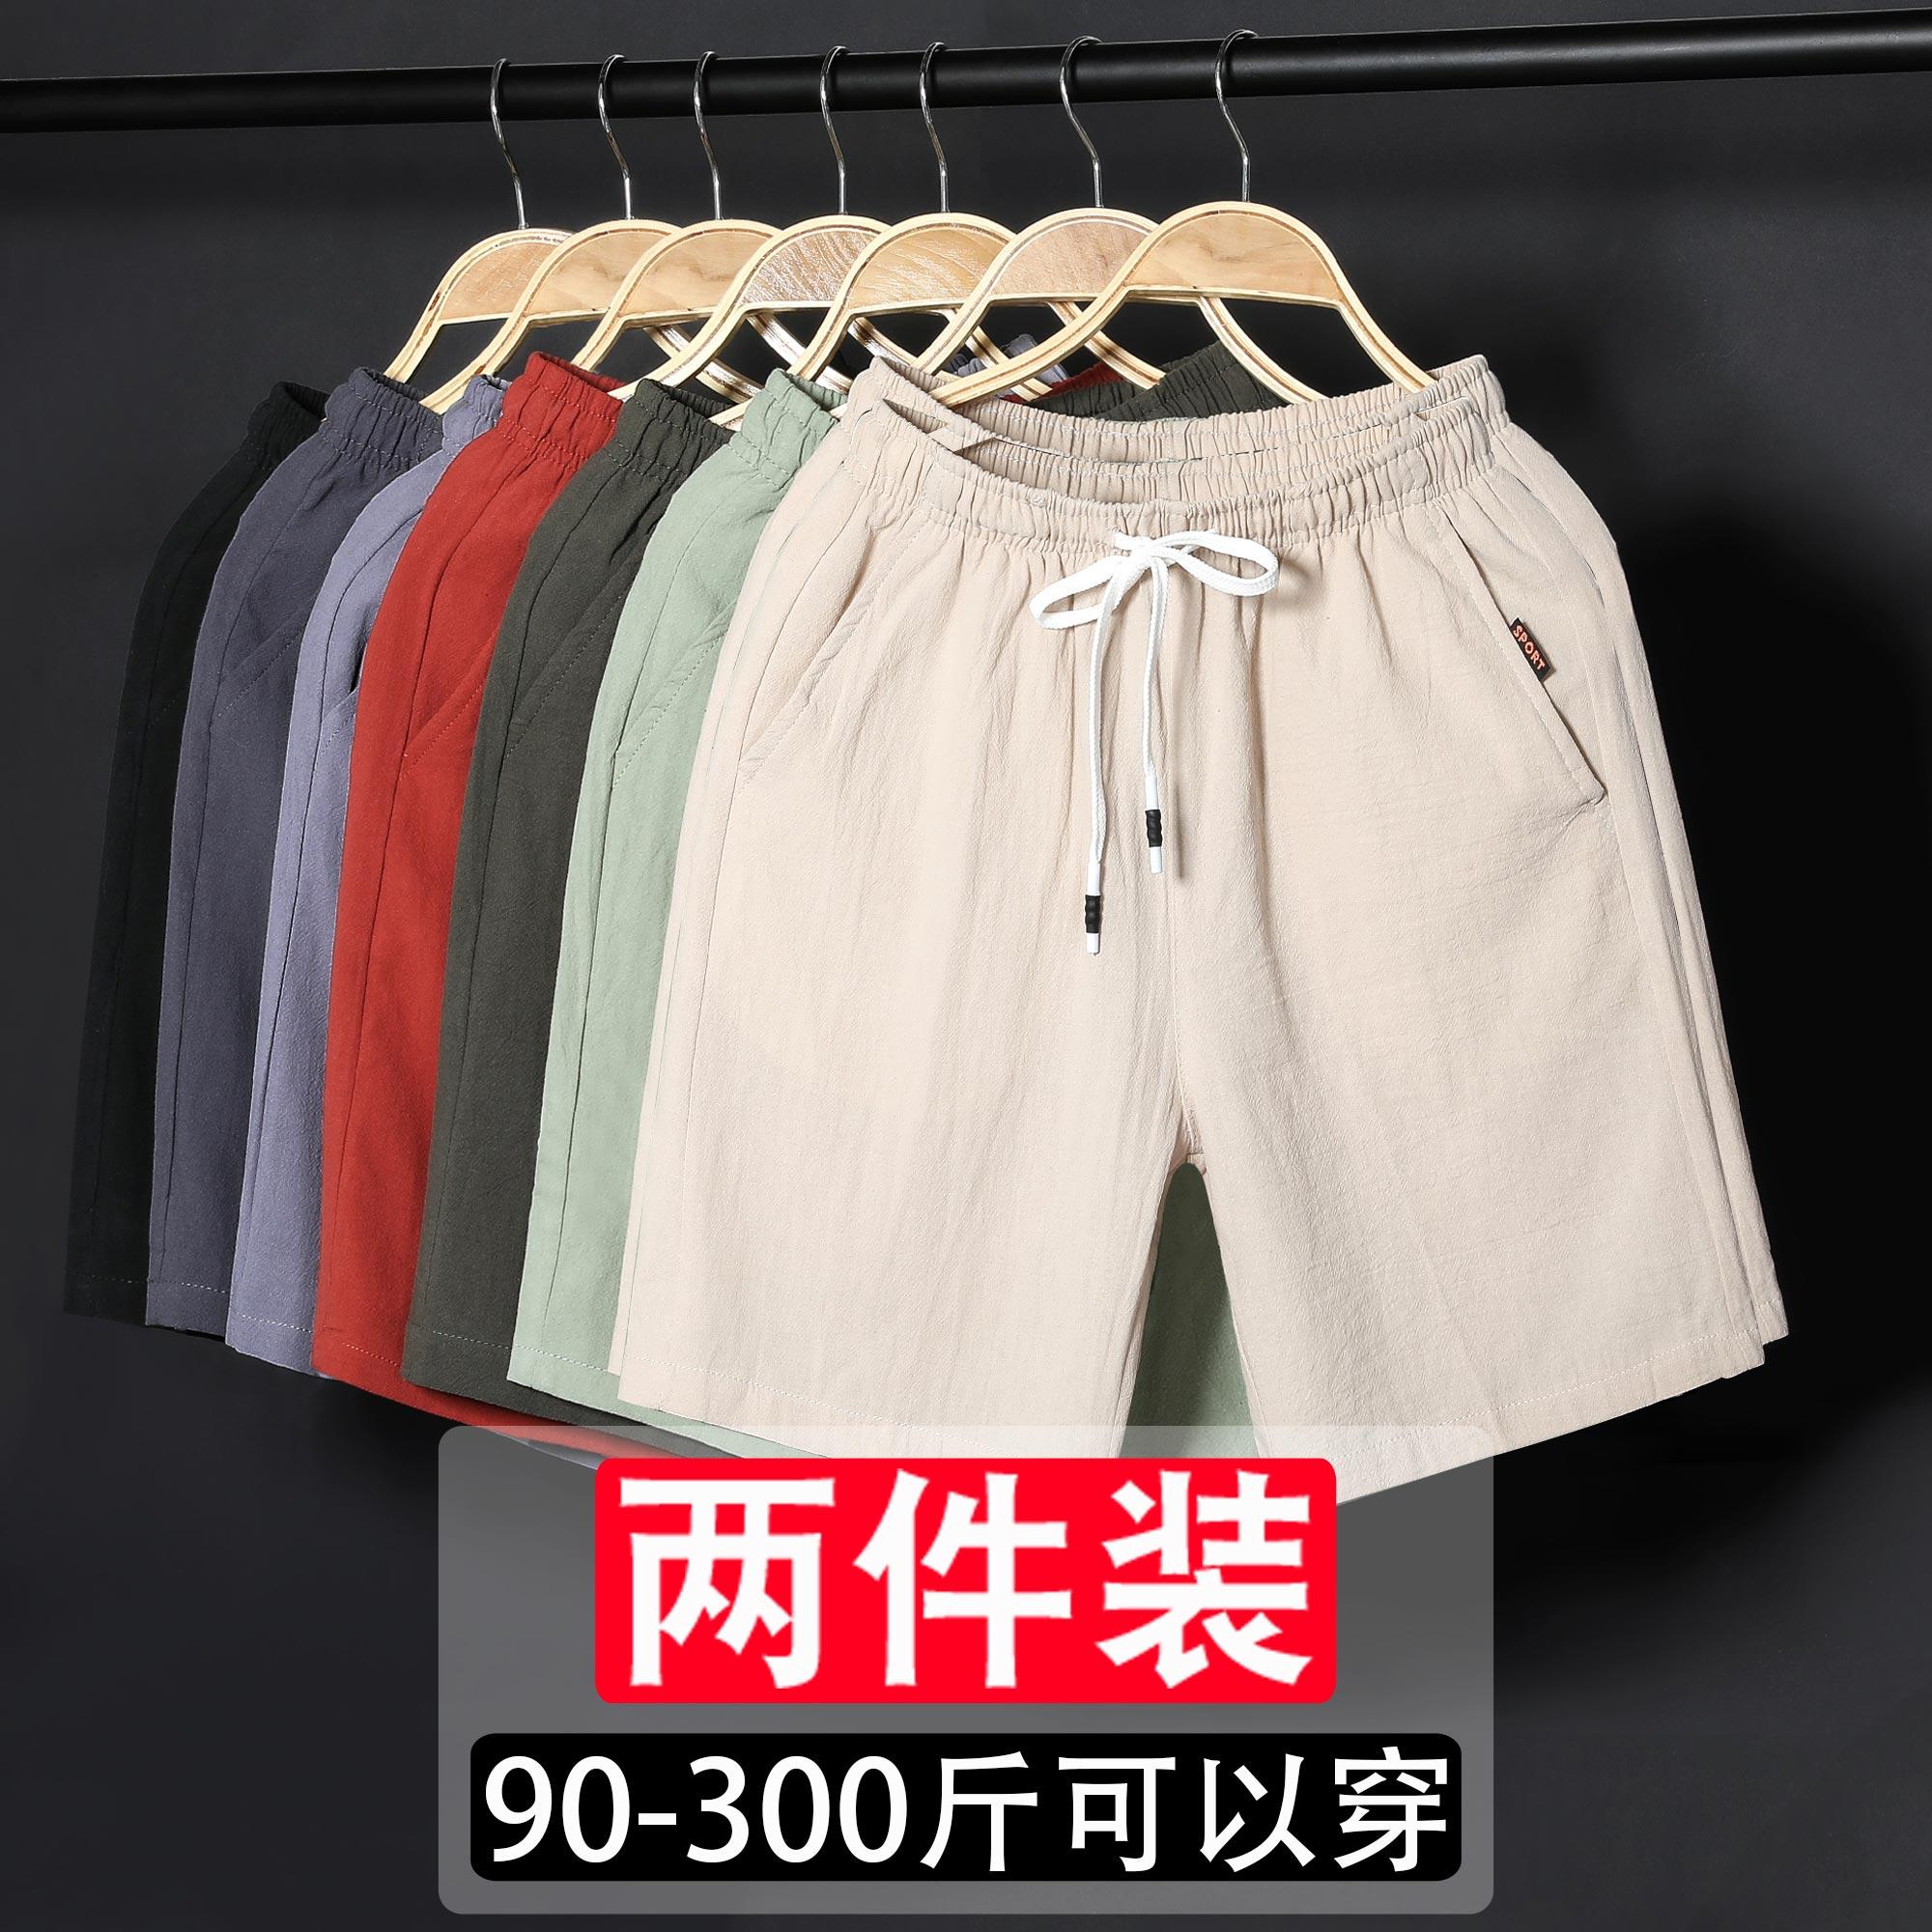 男士短裤子夏季外穿棉麻五分裤宽松休闲潮流加肥加大码亚麻沙滩裤